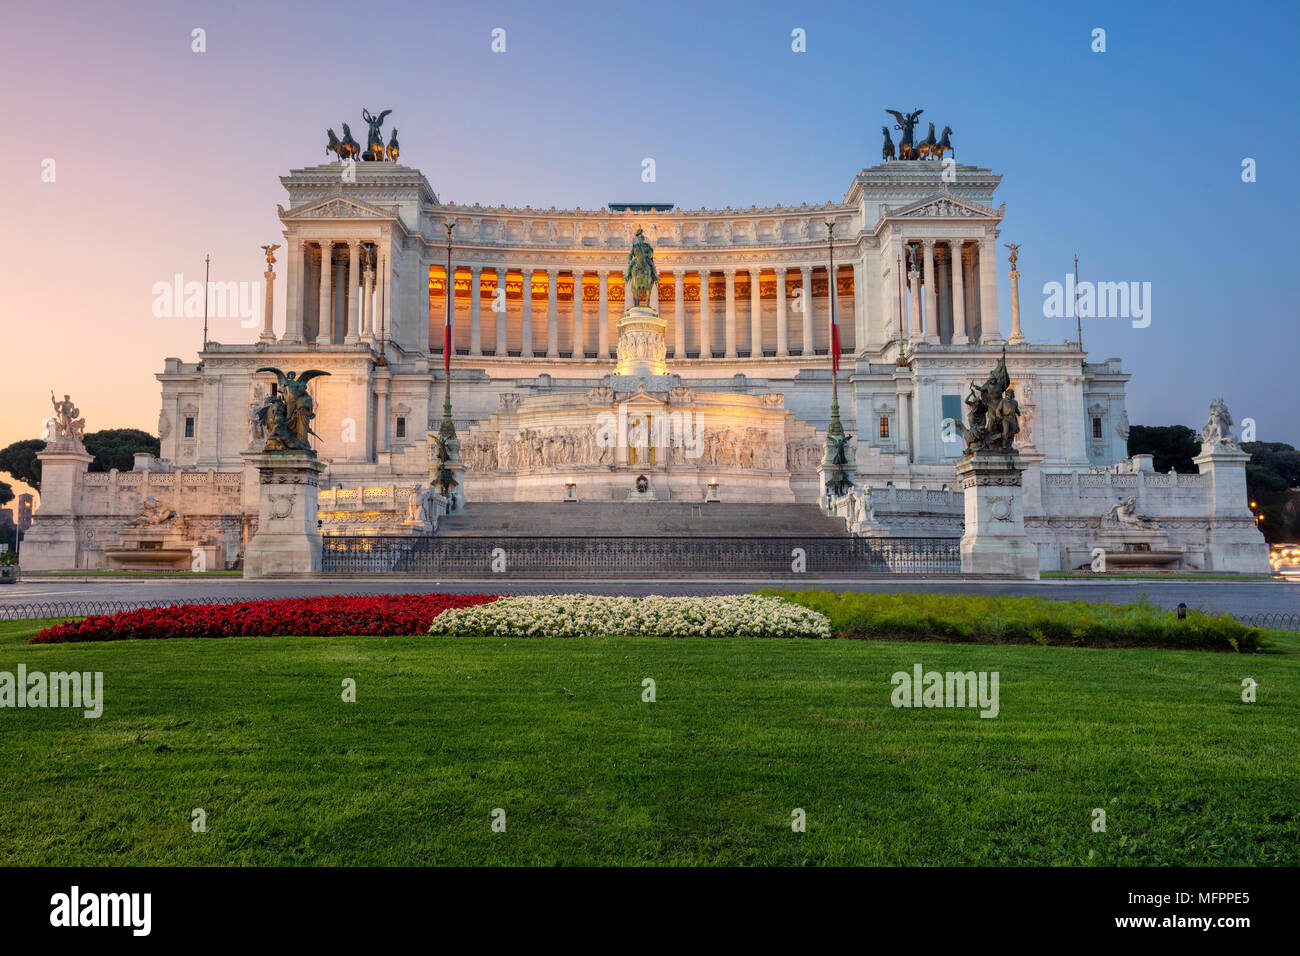 Roma. Paisaje urbano imagen del Monumento de Víctor Manuel II, Plaza Venezia, en Roma, Italia, durante el amanecer. Imagen De Stock